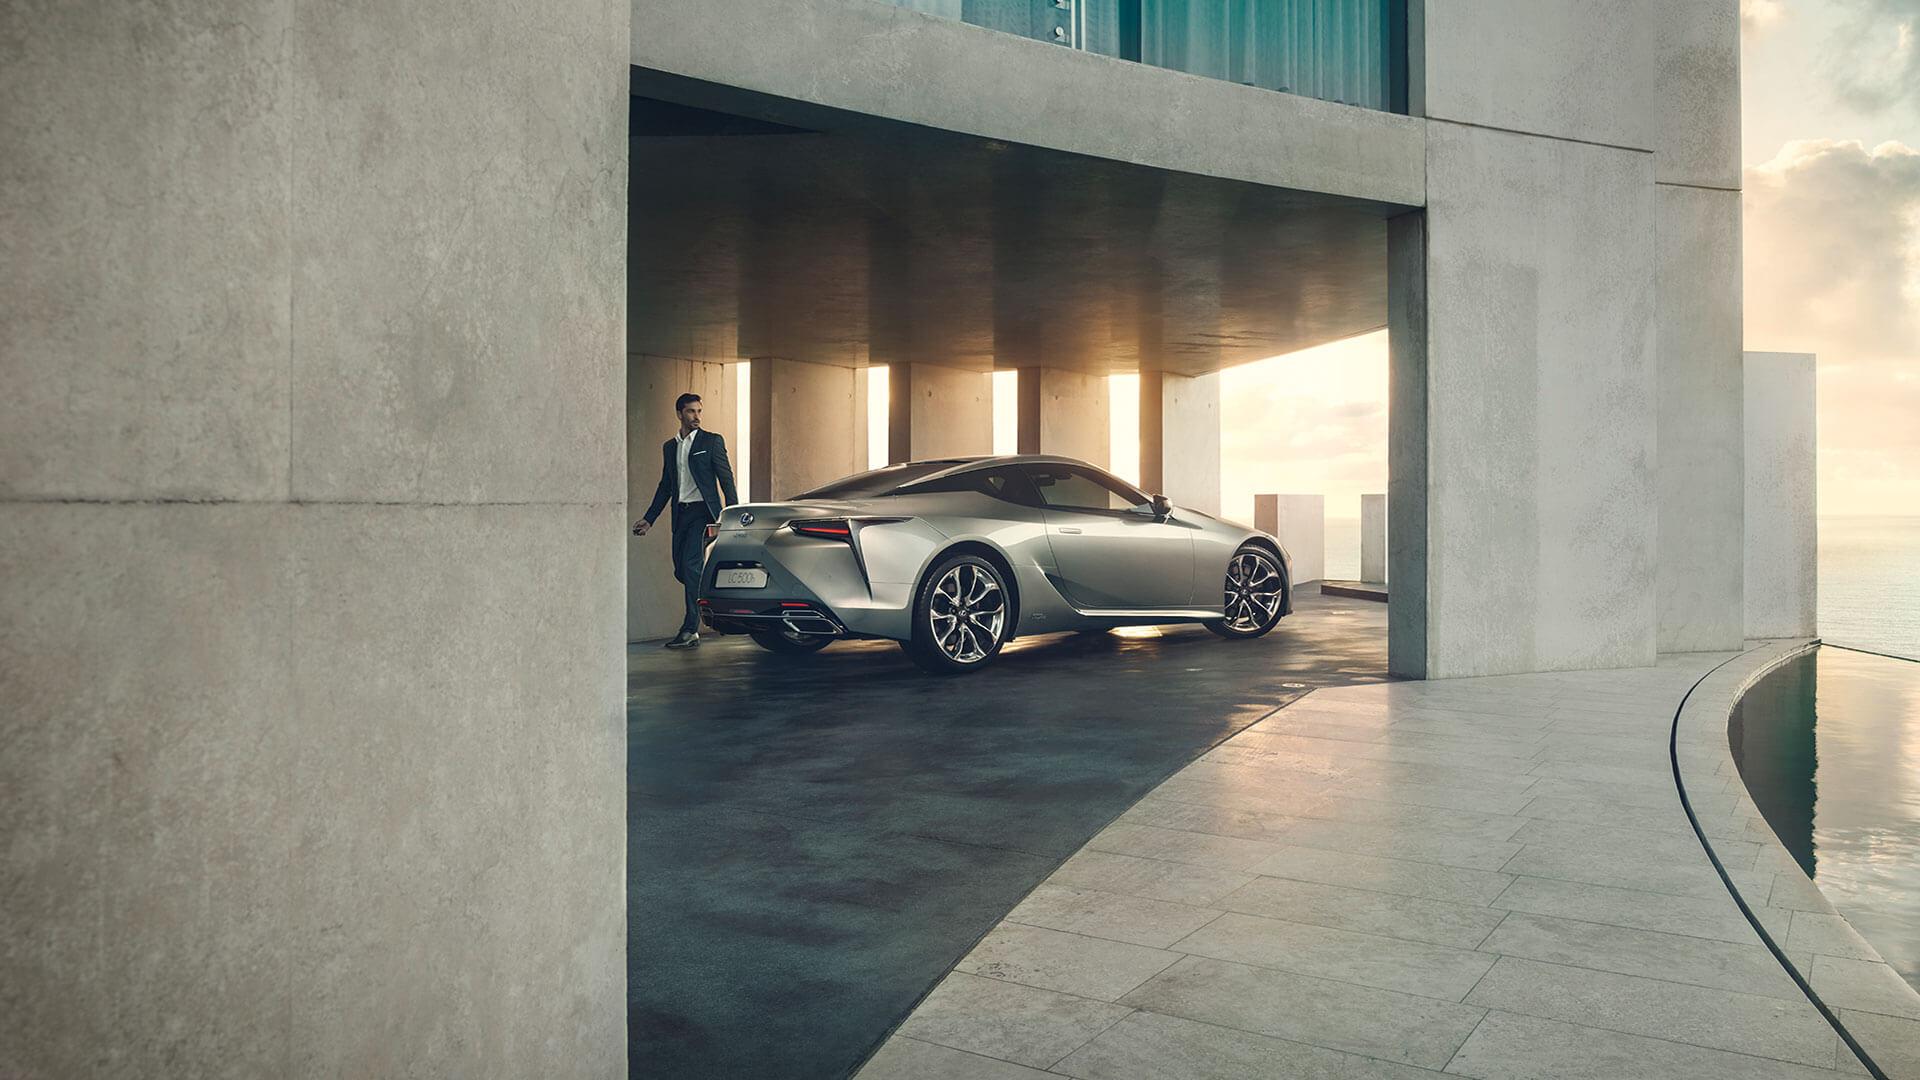 Zijkant van een grijze Lexus LC 500h